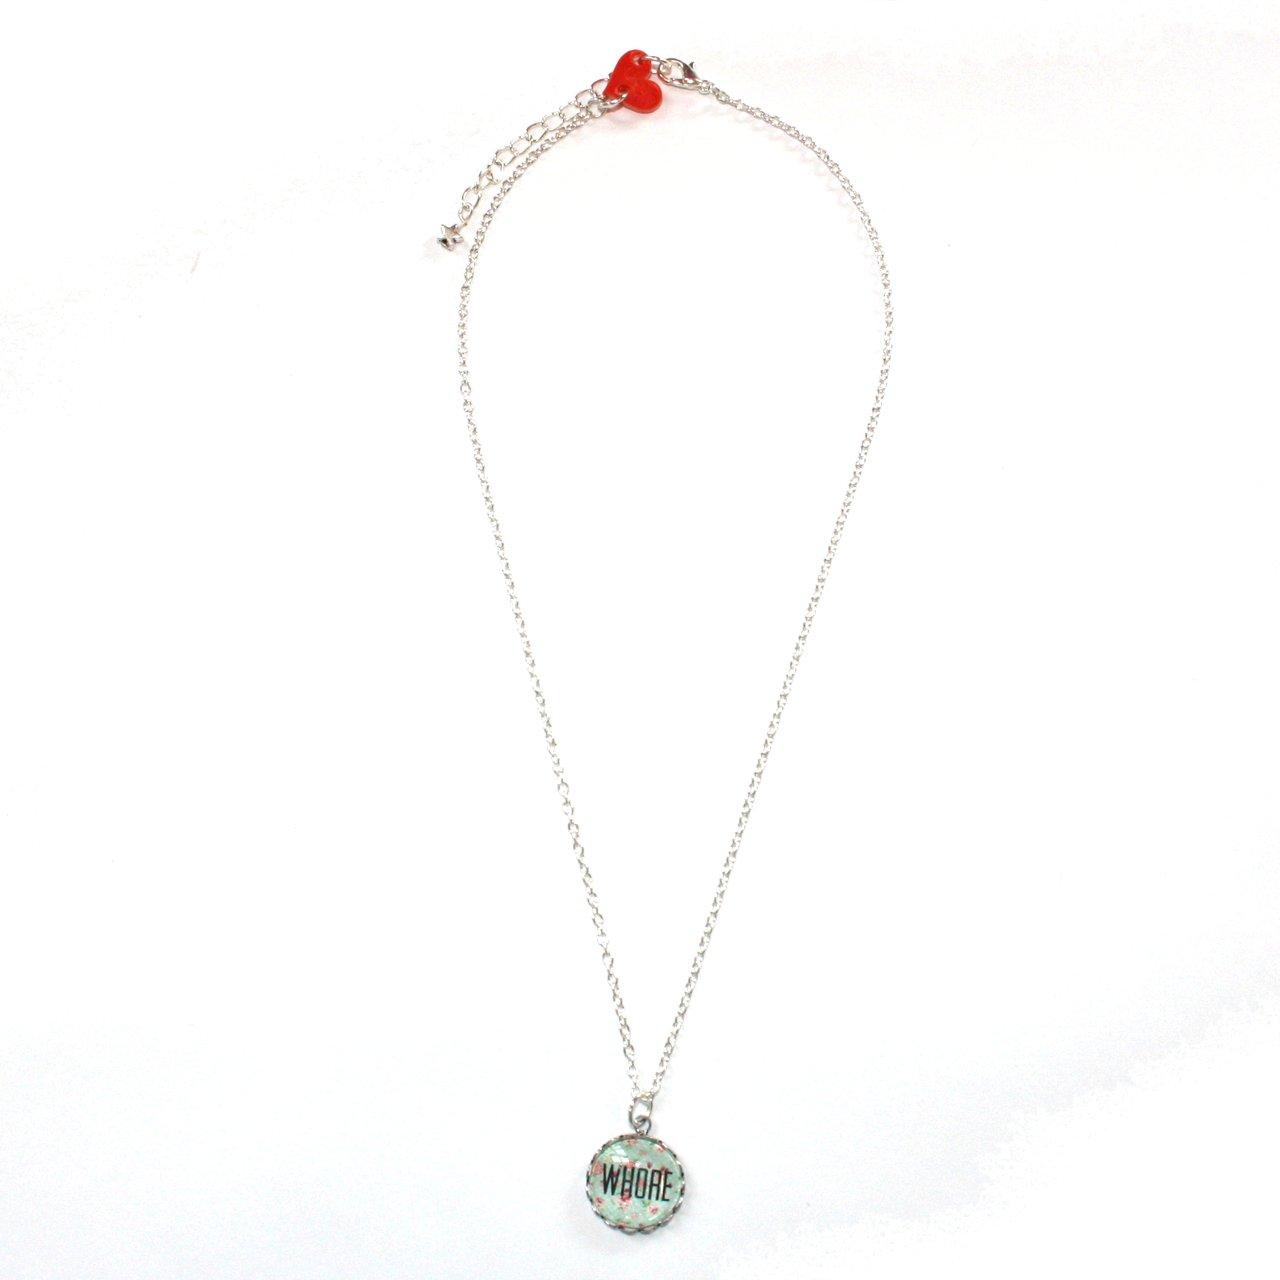 Motif 7 Cherry Pute Collier Floral45 Sour Femme Cm Chaîne ARjLq435